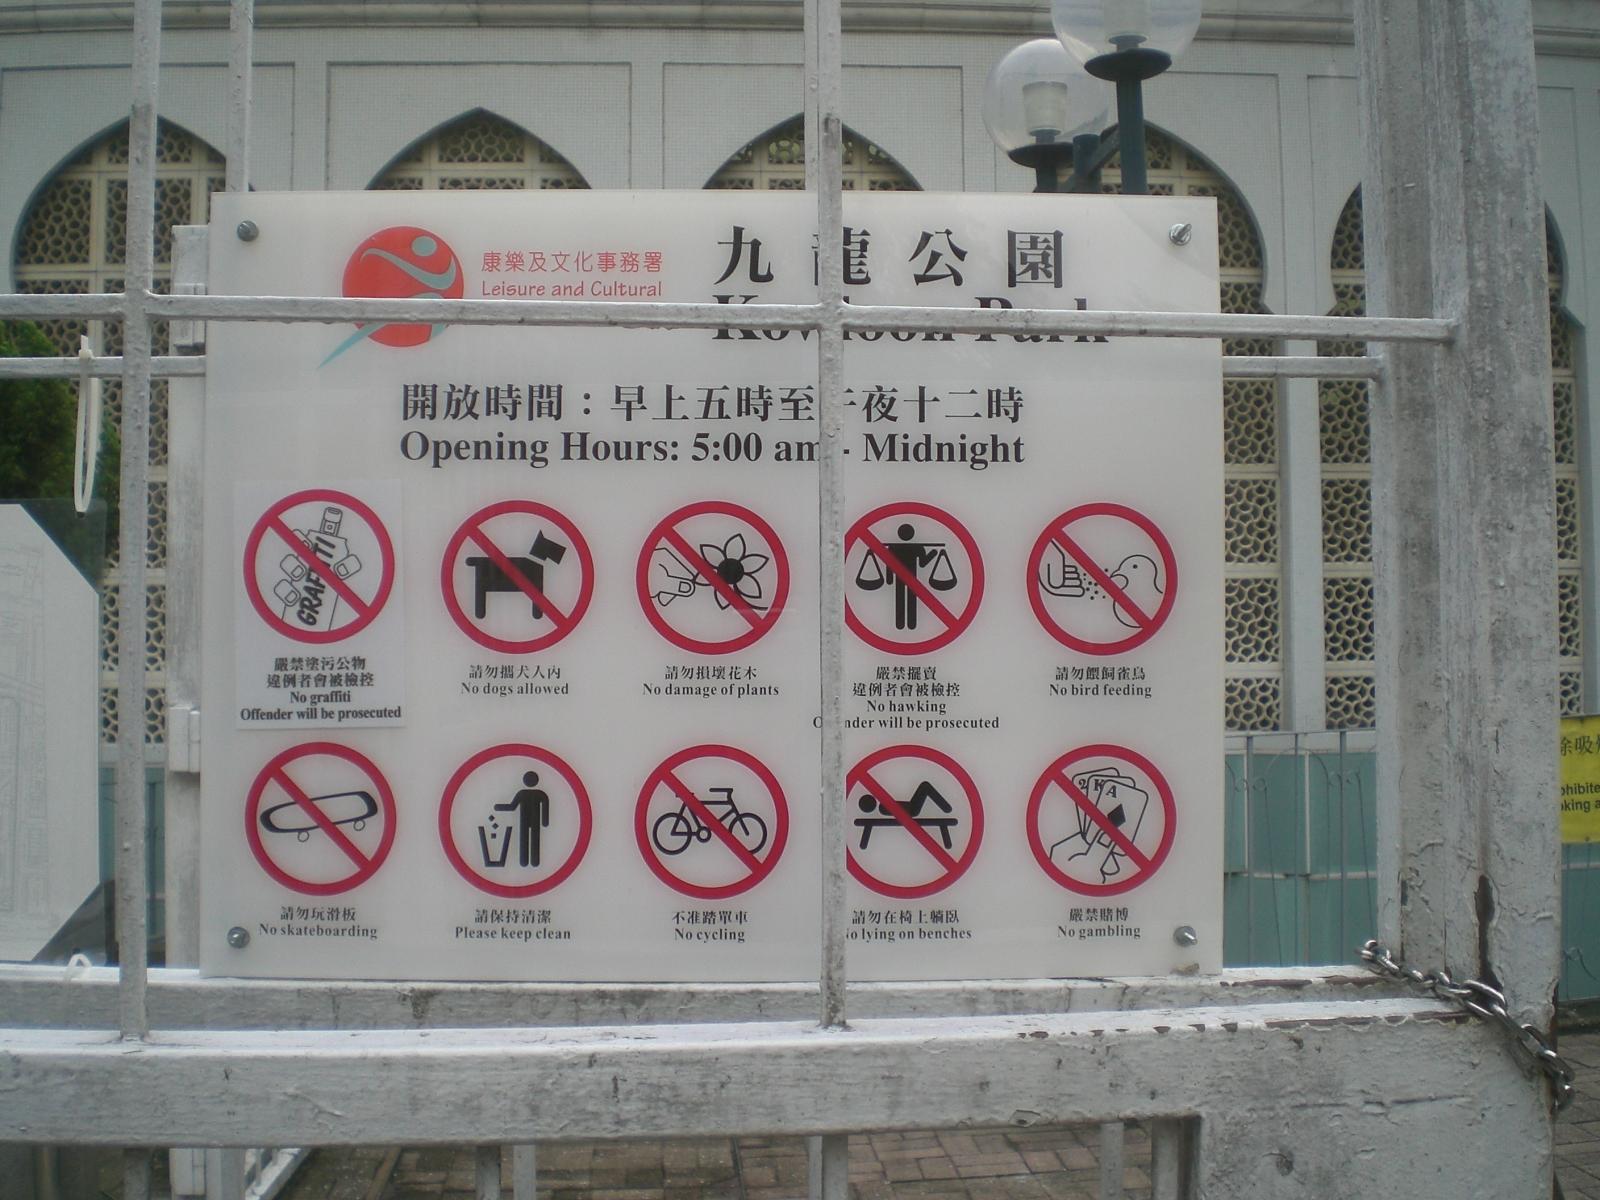 File:HK TST Kln Park rules 1.JPG - Wikimedia Commons